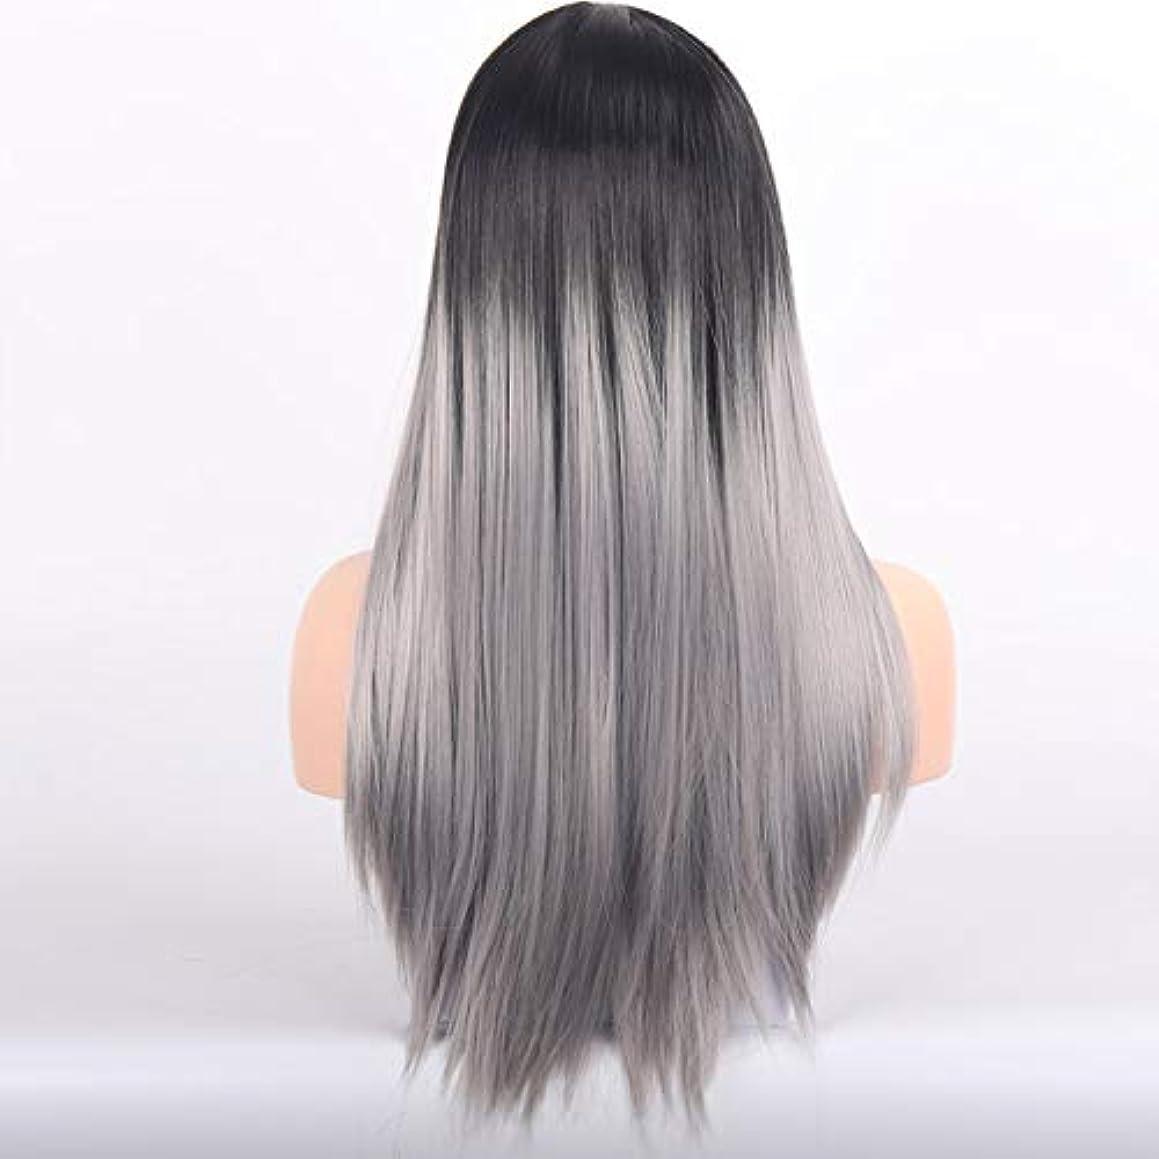 難破船それによって動力学美しく LISI HAIRブロンドロングストレートウィッグと前髪の人工毛かつらバタンとウィッグのために女性ブラックブラウン耐熱ウィッグ26インチ (Color : 1B/30HL, Stretched Length : 26inches)